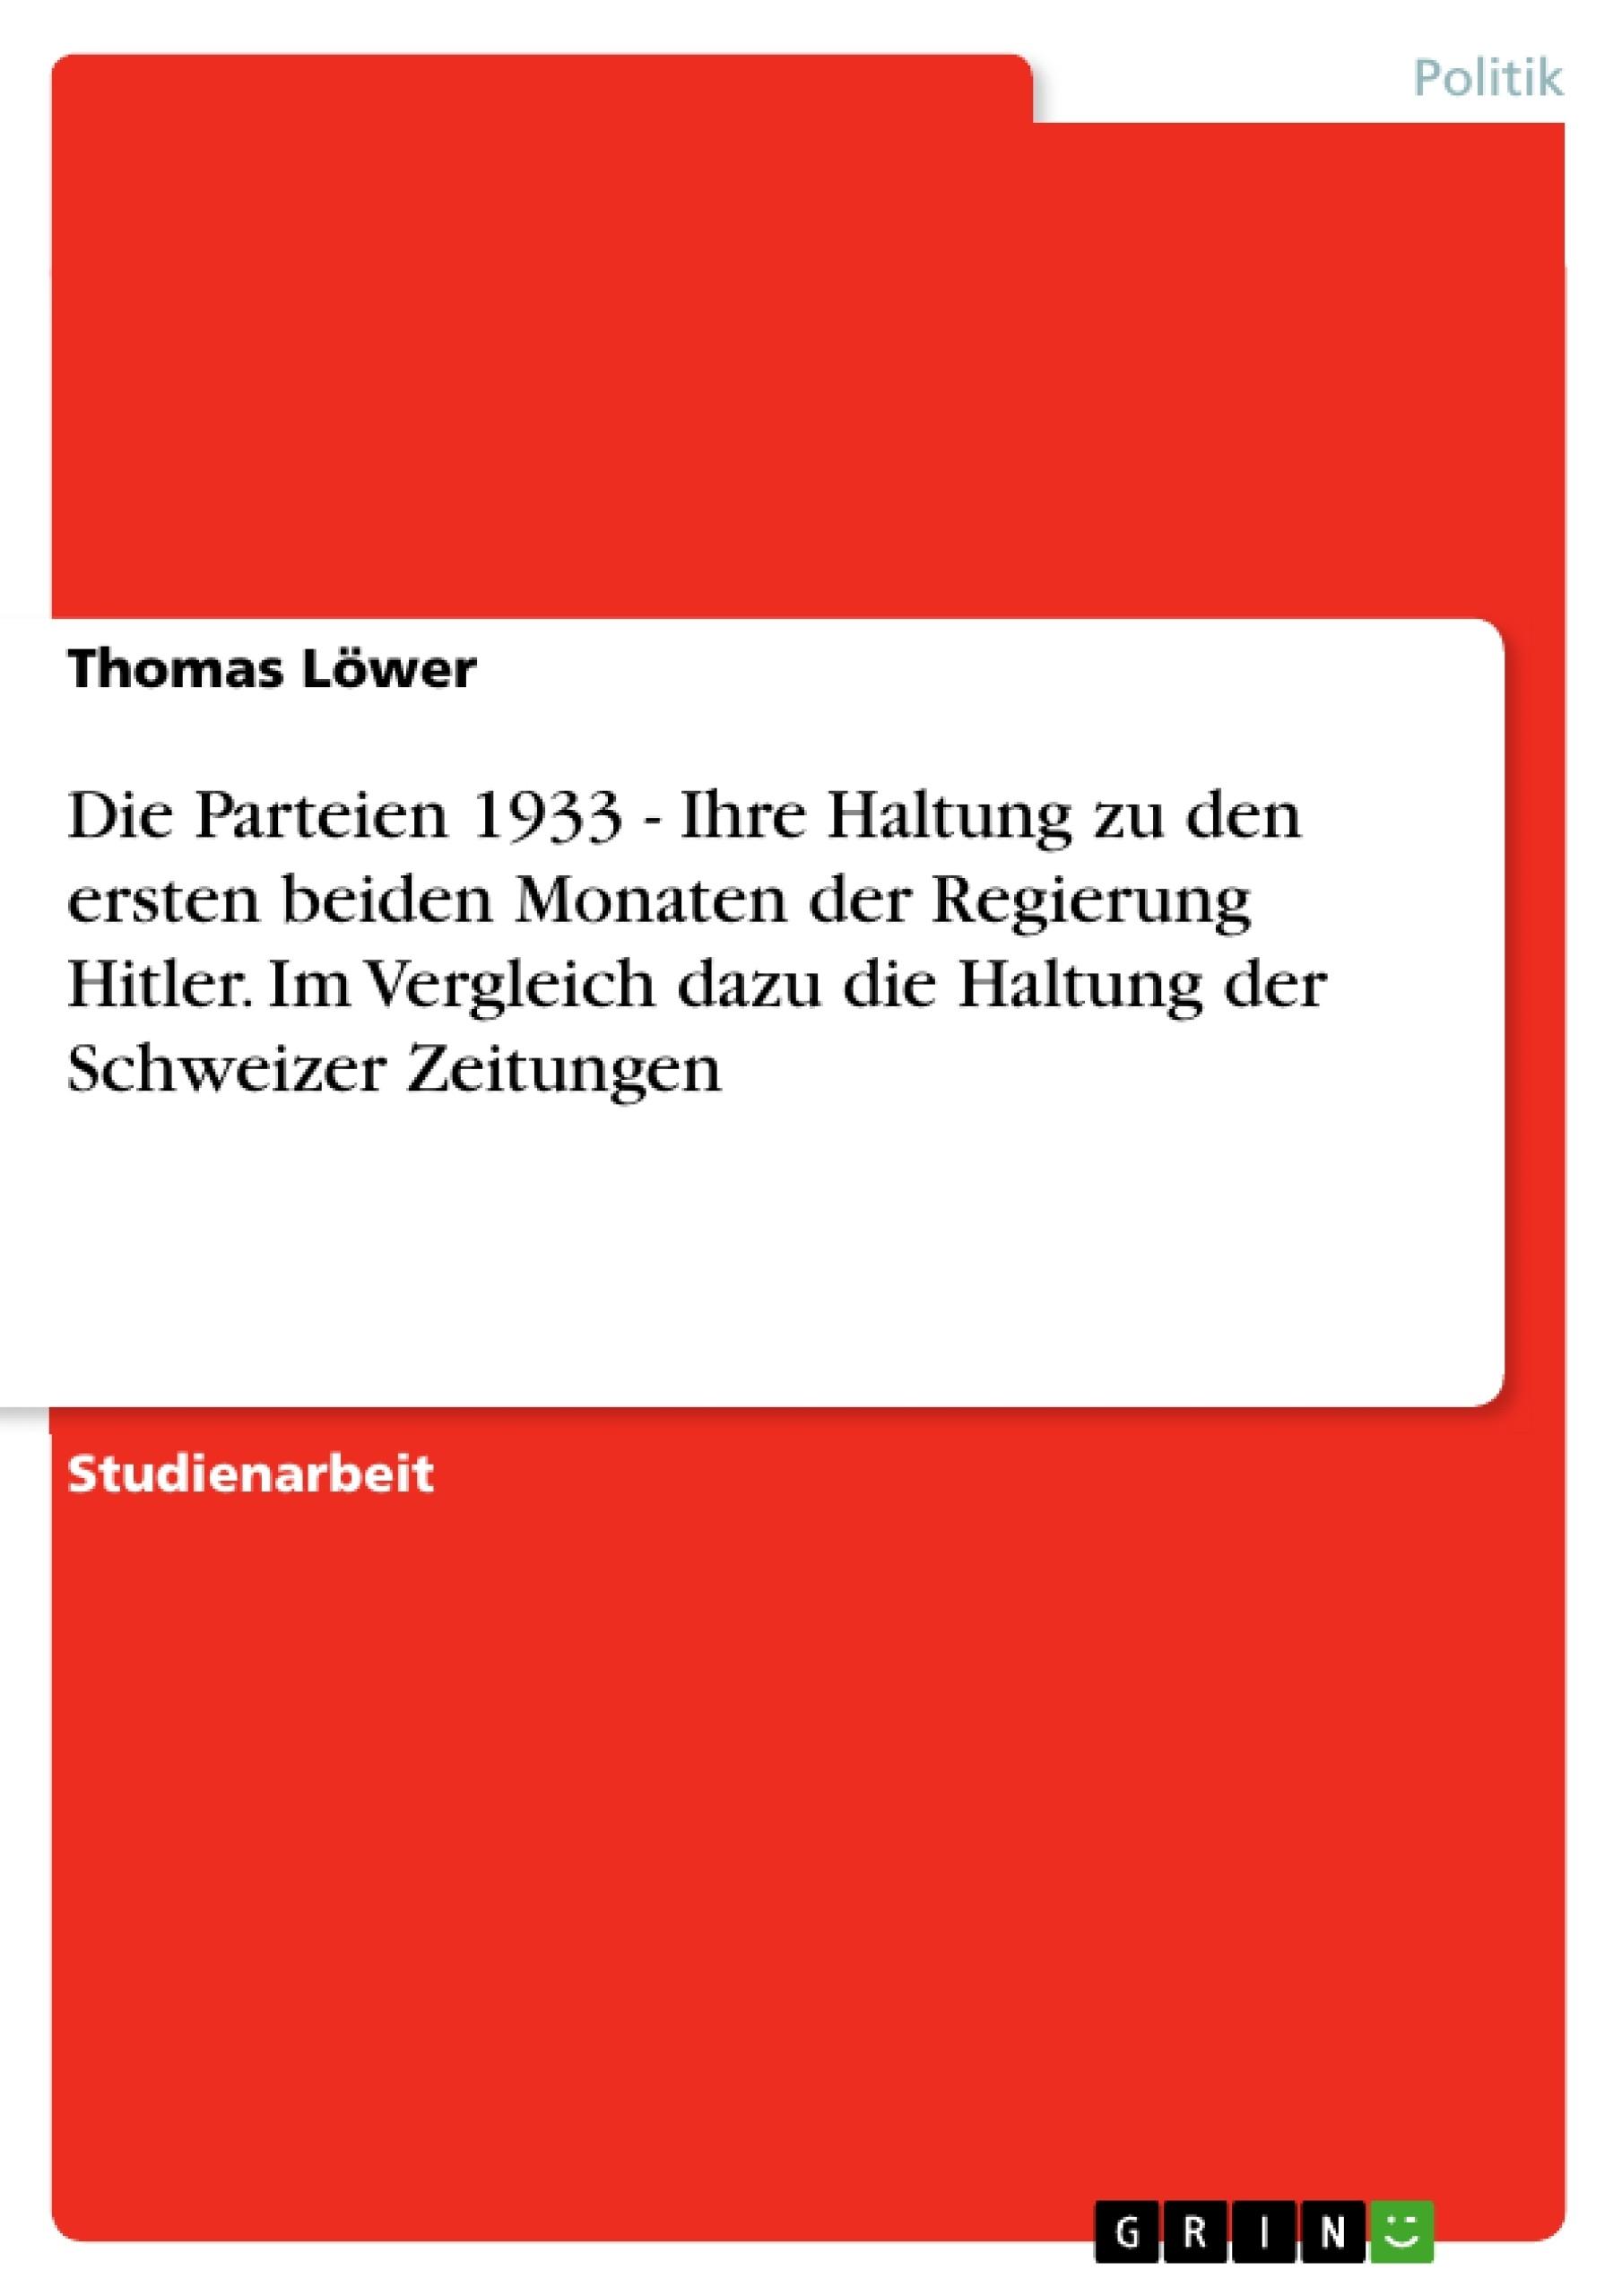 Titel: Die Parteien 1933 - Ihre Haltung zu den ersten beiden Monaten der Regierung Hitler.  Im Vergleich dazu die Haltung der Schweizer Zeitungen